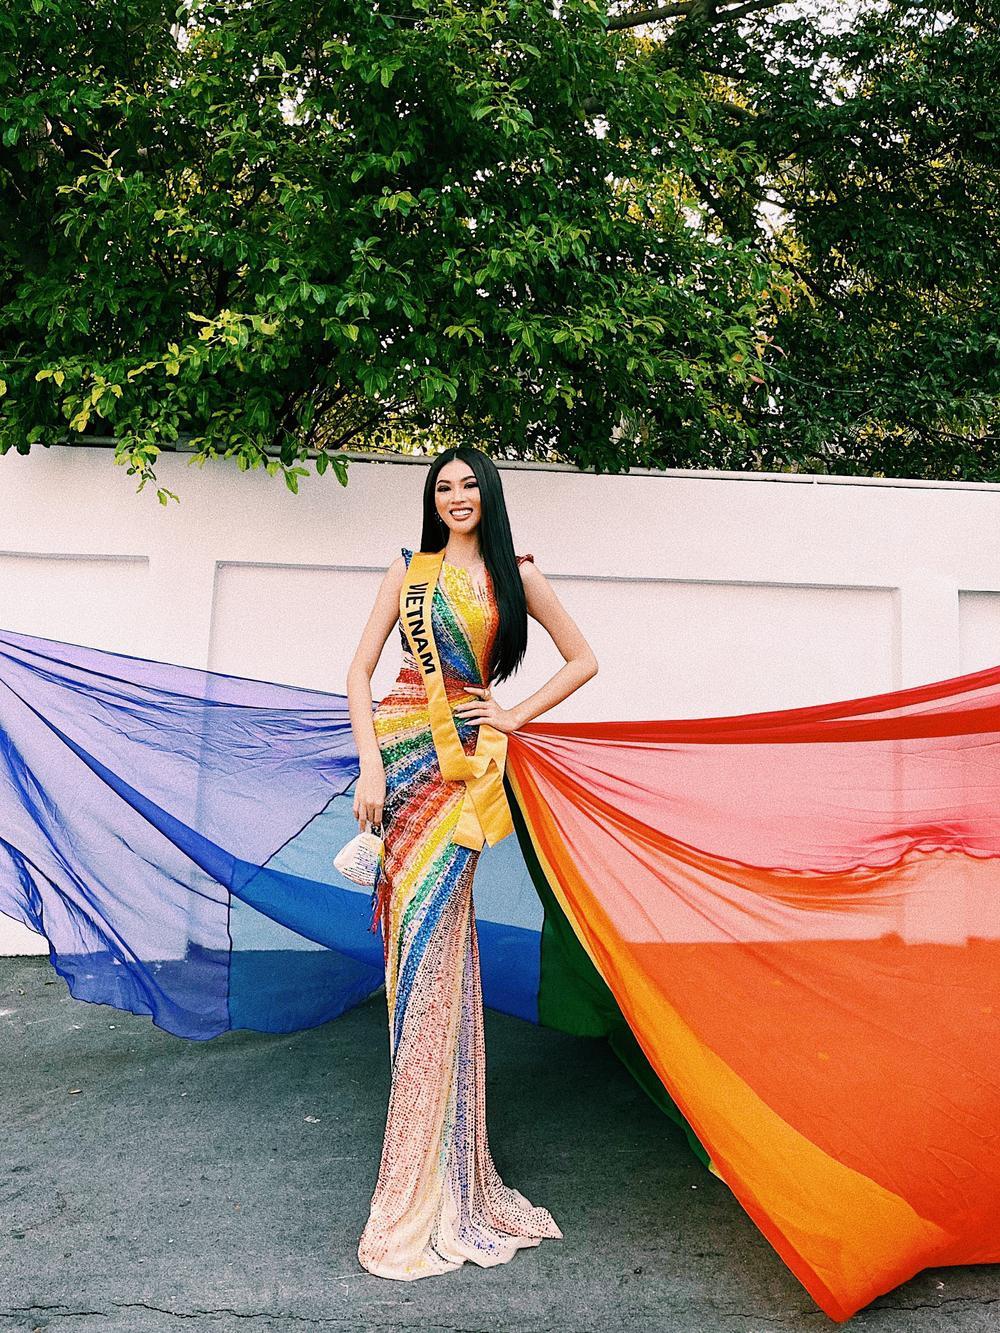 Ngọc Thảo diện váy cờ lục sắc ủng hộ cộng đồng LGBT nổi bật tại Miss Grand: Nước cờ khéo như H'Hen Niê! Ảnh 1